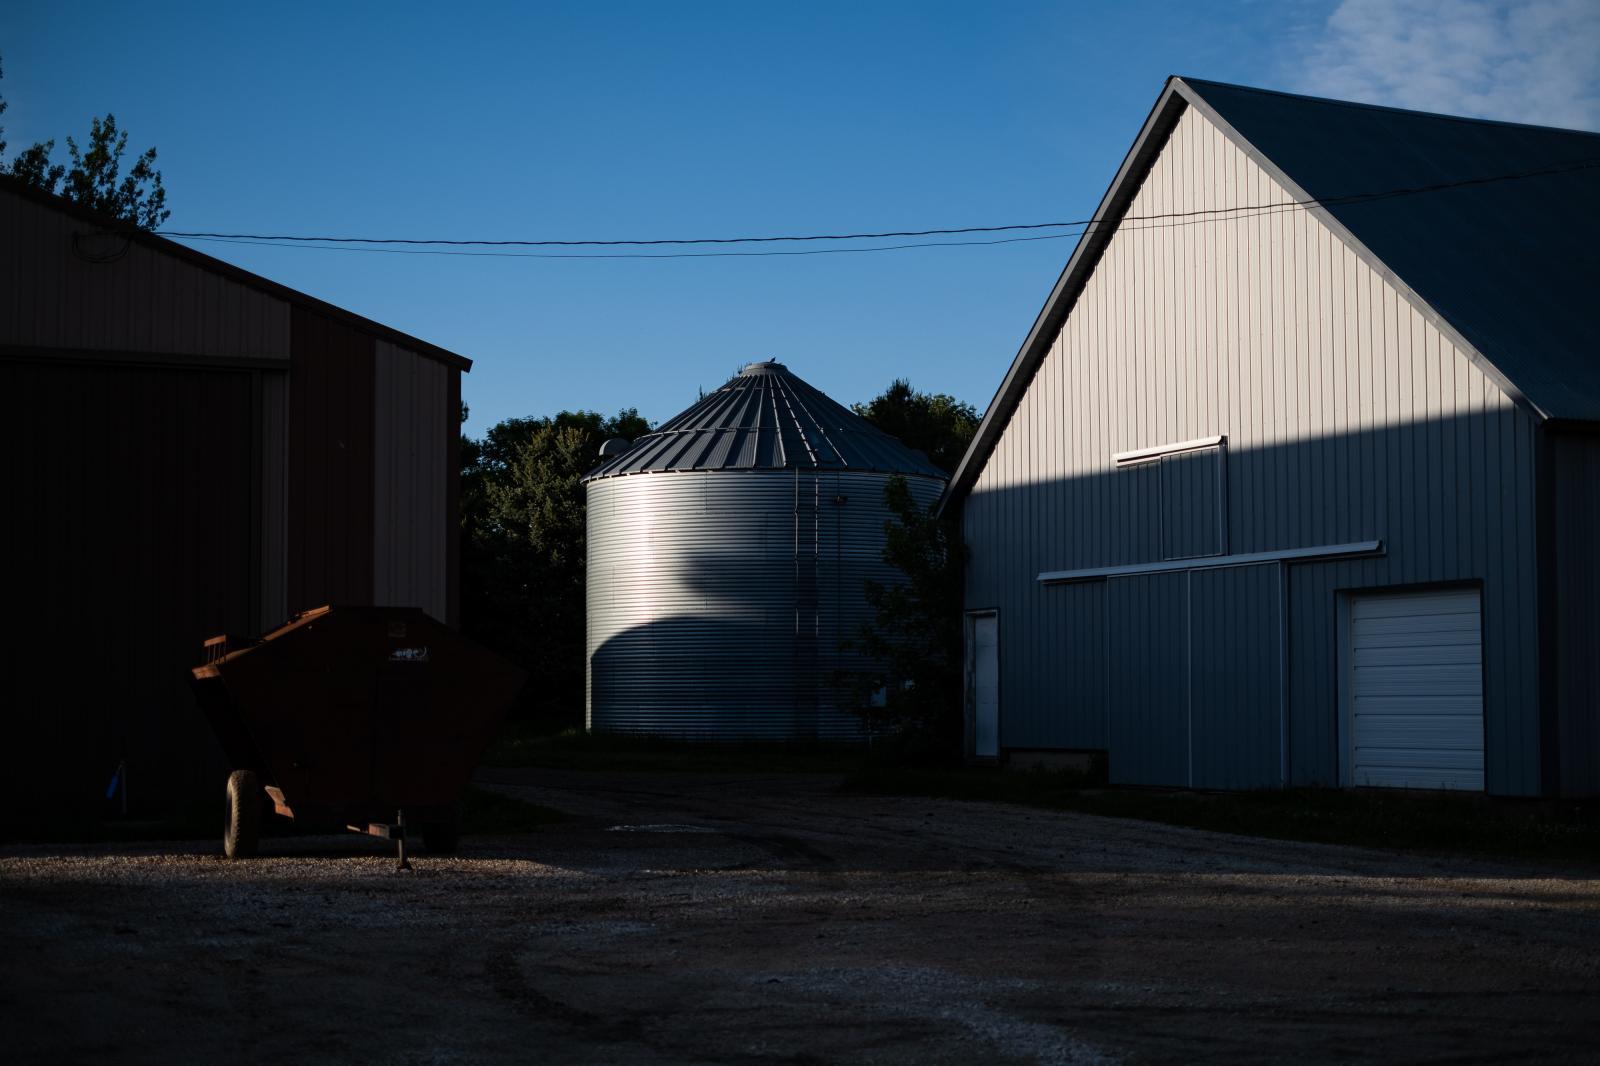 My farm.